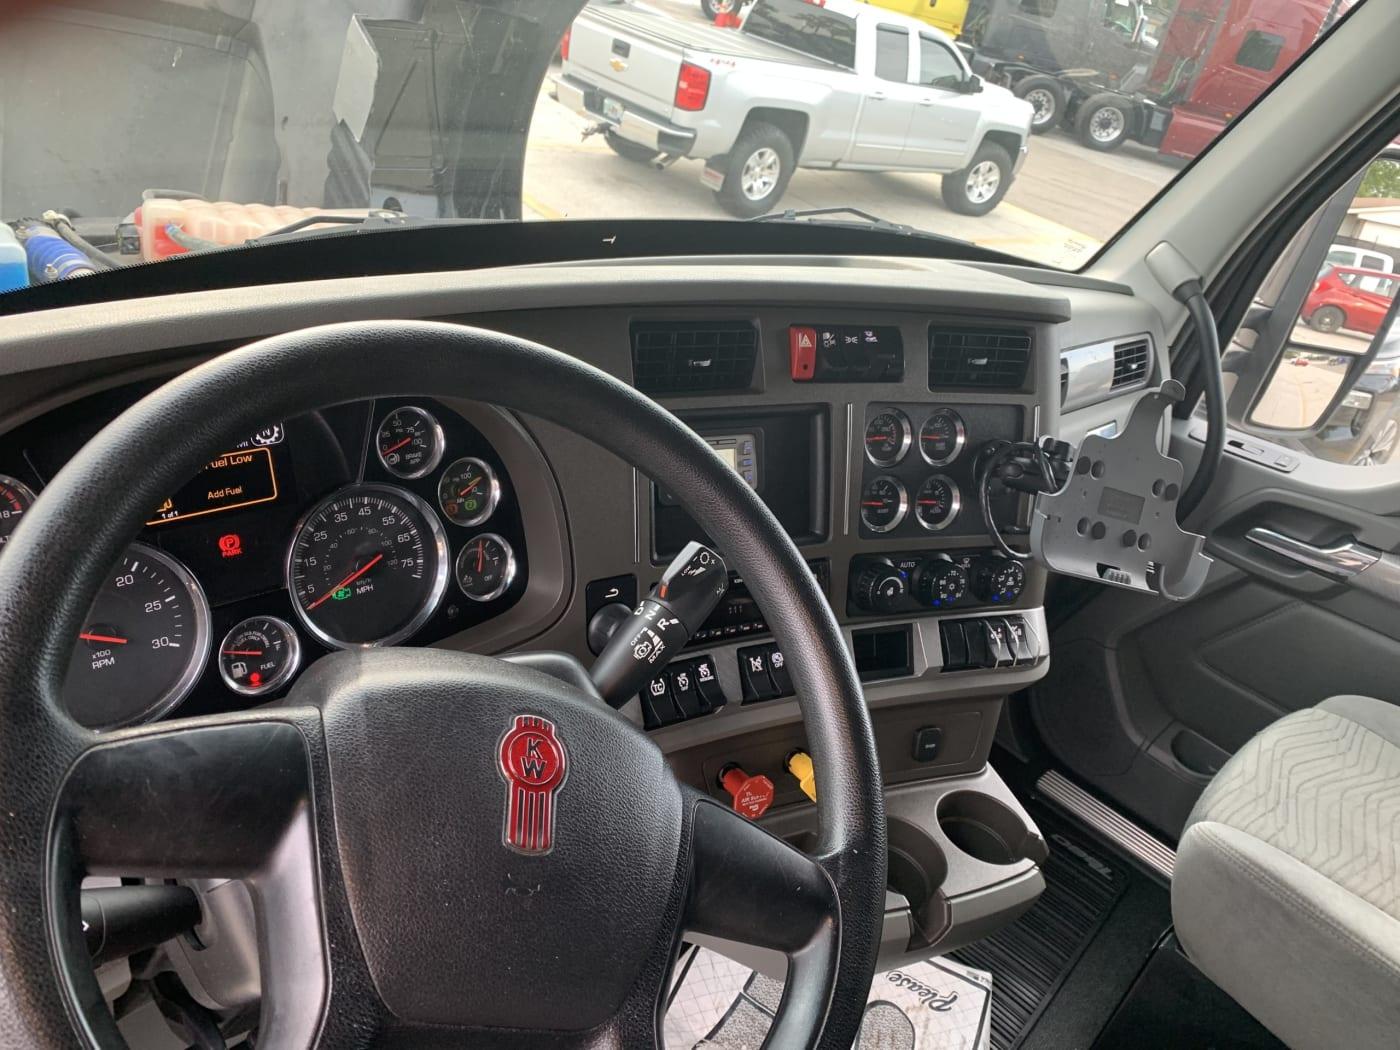 2019 Kenworth T680 UKJ256175 full